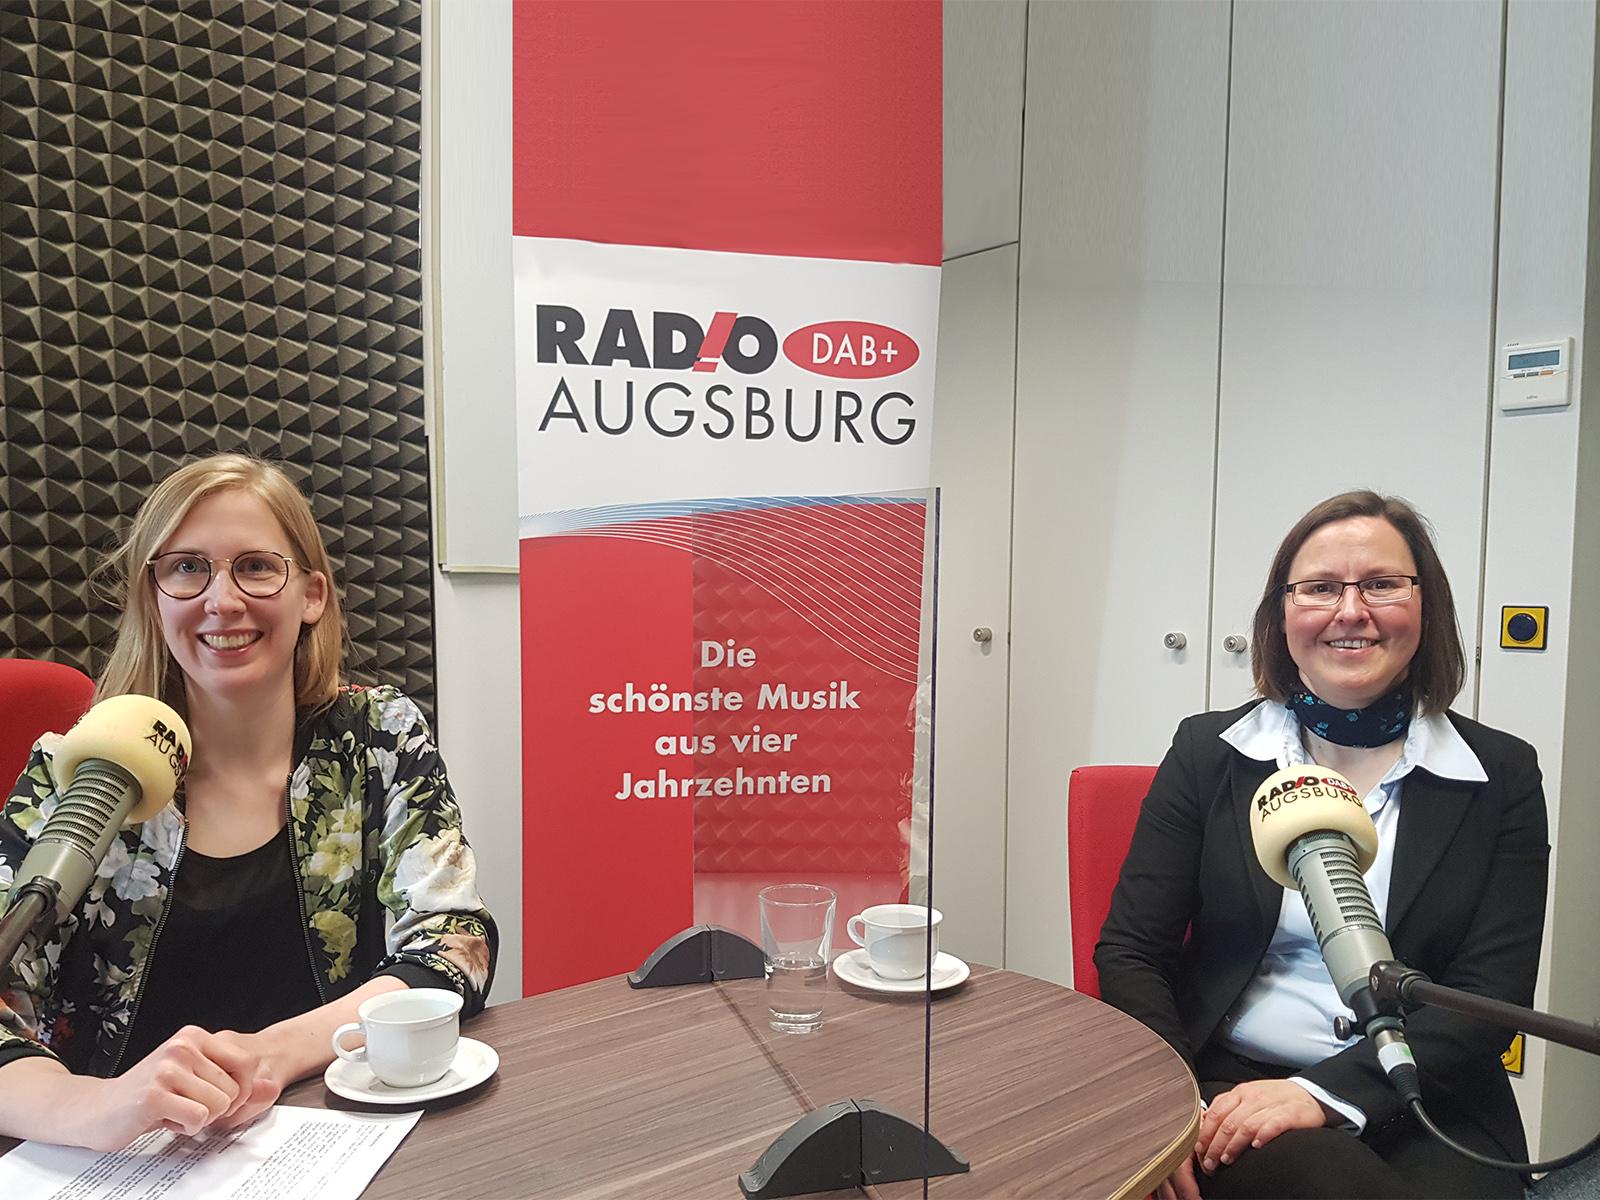 Im Cappuccino-Sonntagstalk spricht Sr. Anna Schenck über ihre neue Aufgabe als Amtsleiterin von Bischof Bertram. (Foto: Radio Augsburg)